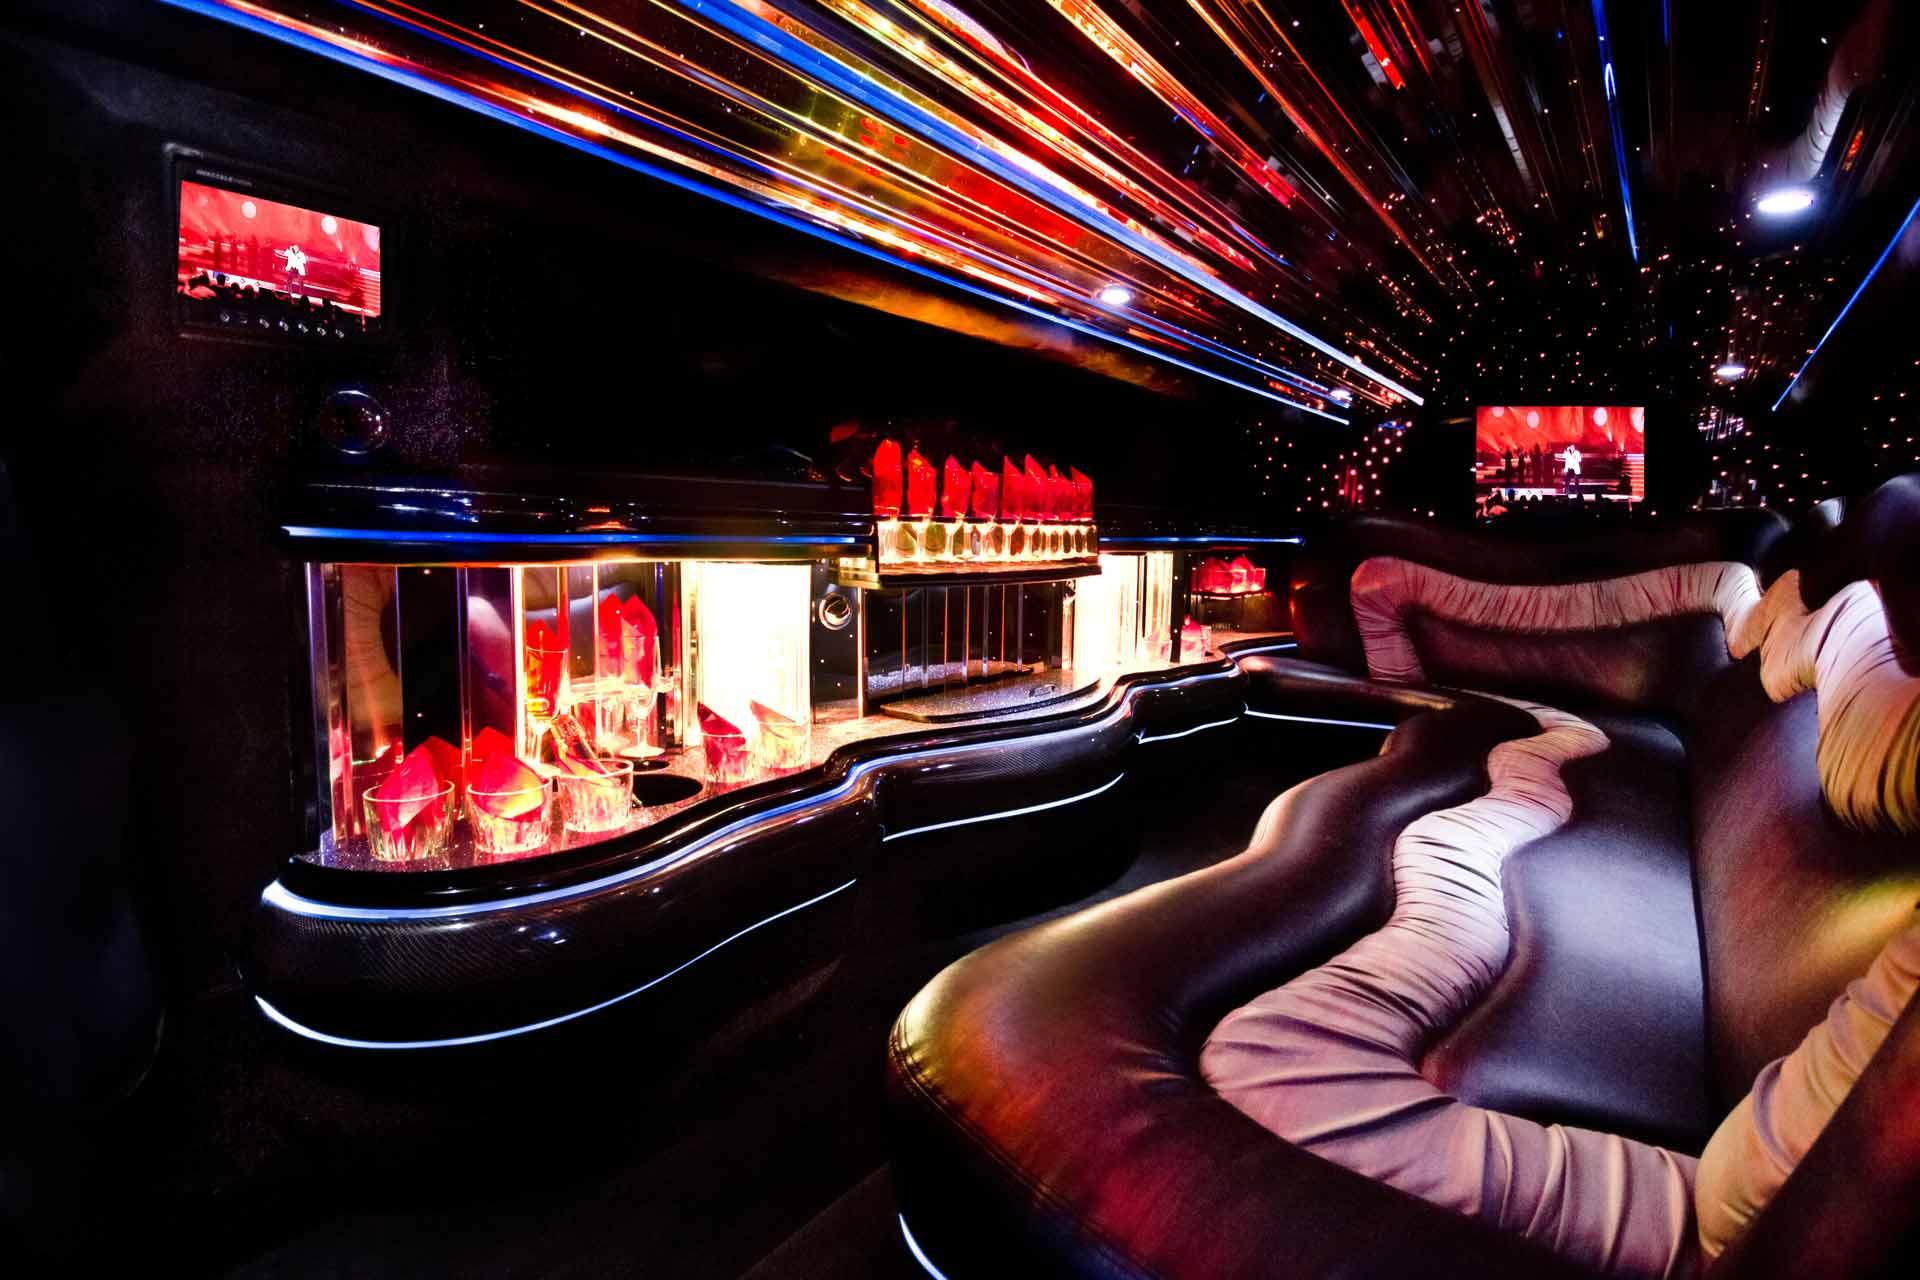 Chrysler limousine interieur